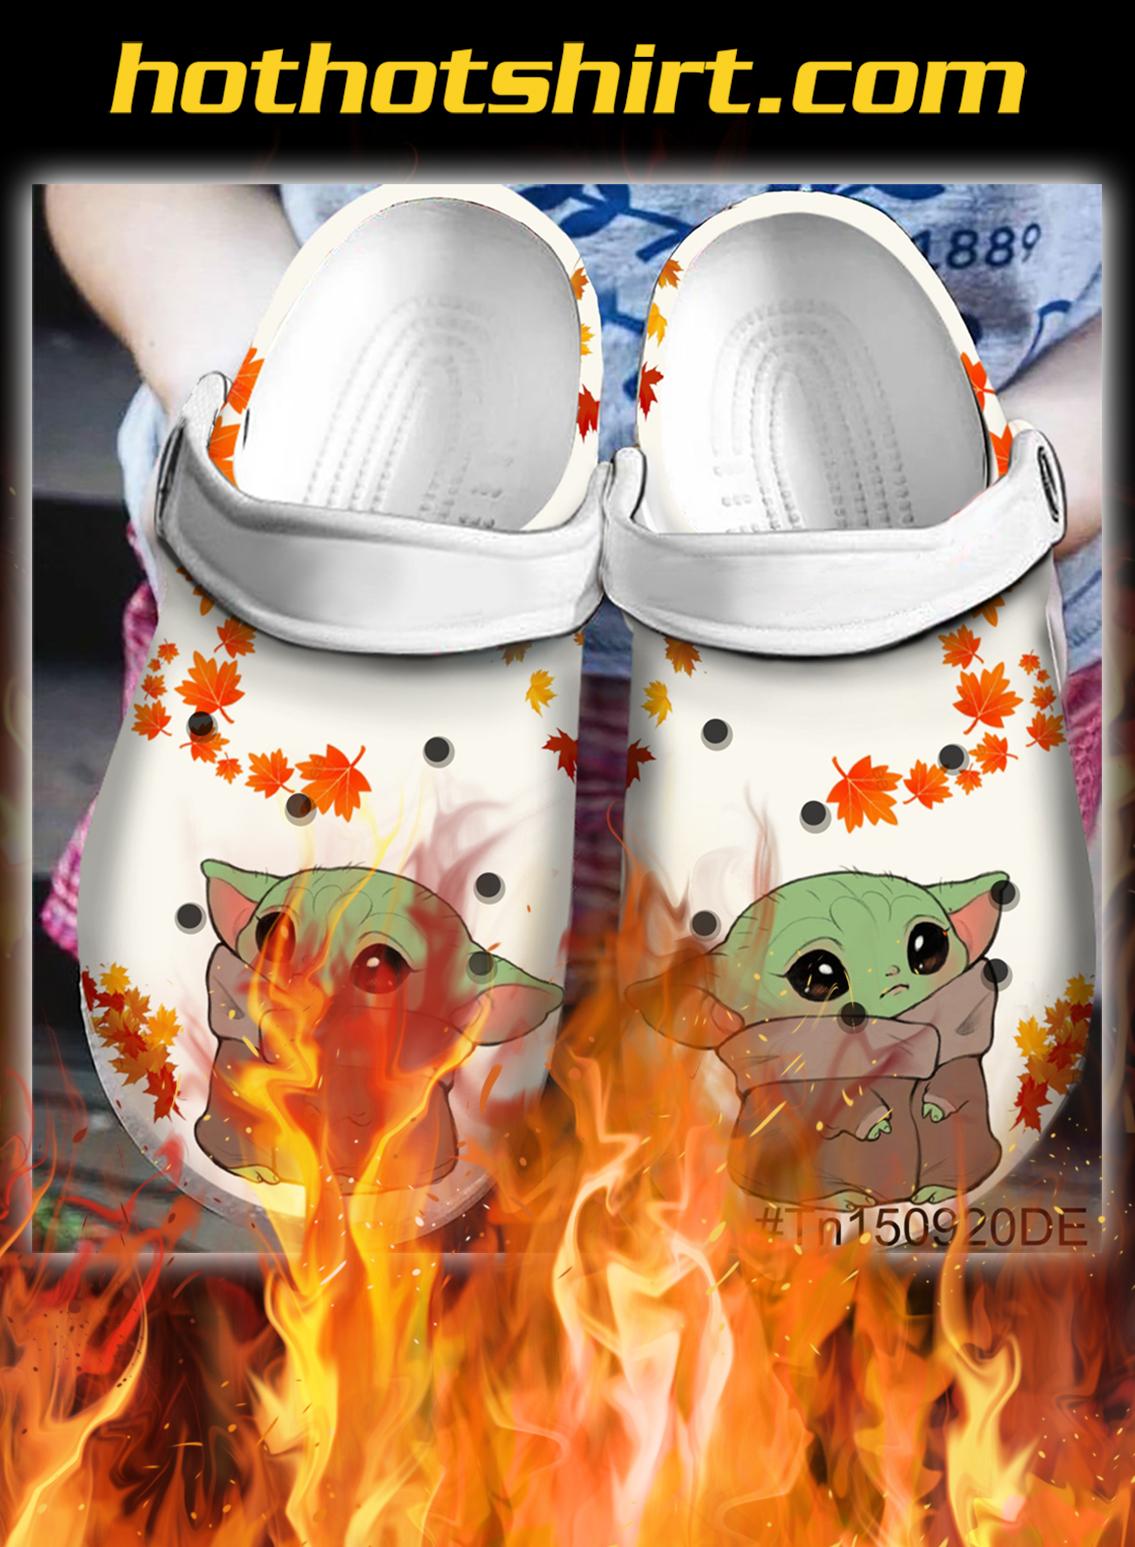 Baby yoda crocband crocs shoes- pic 1